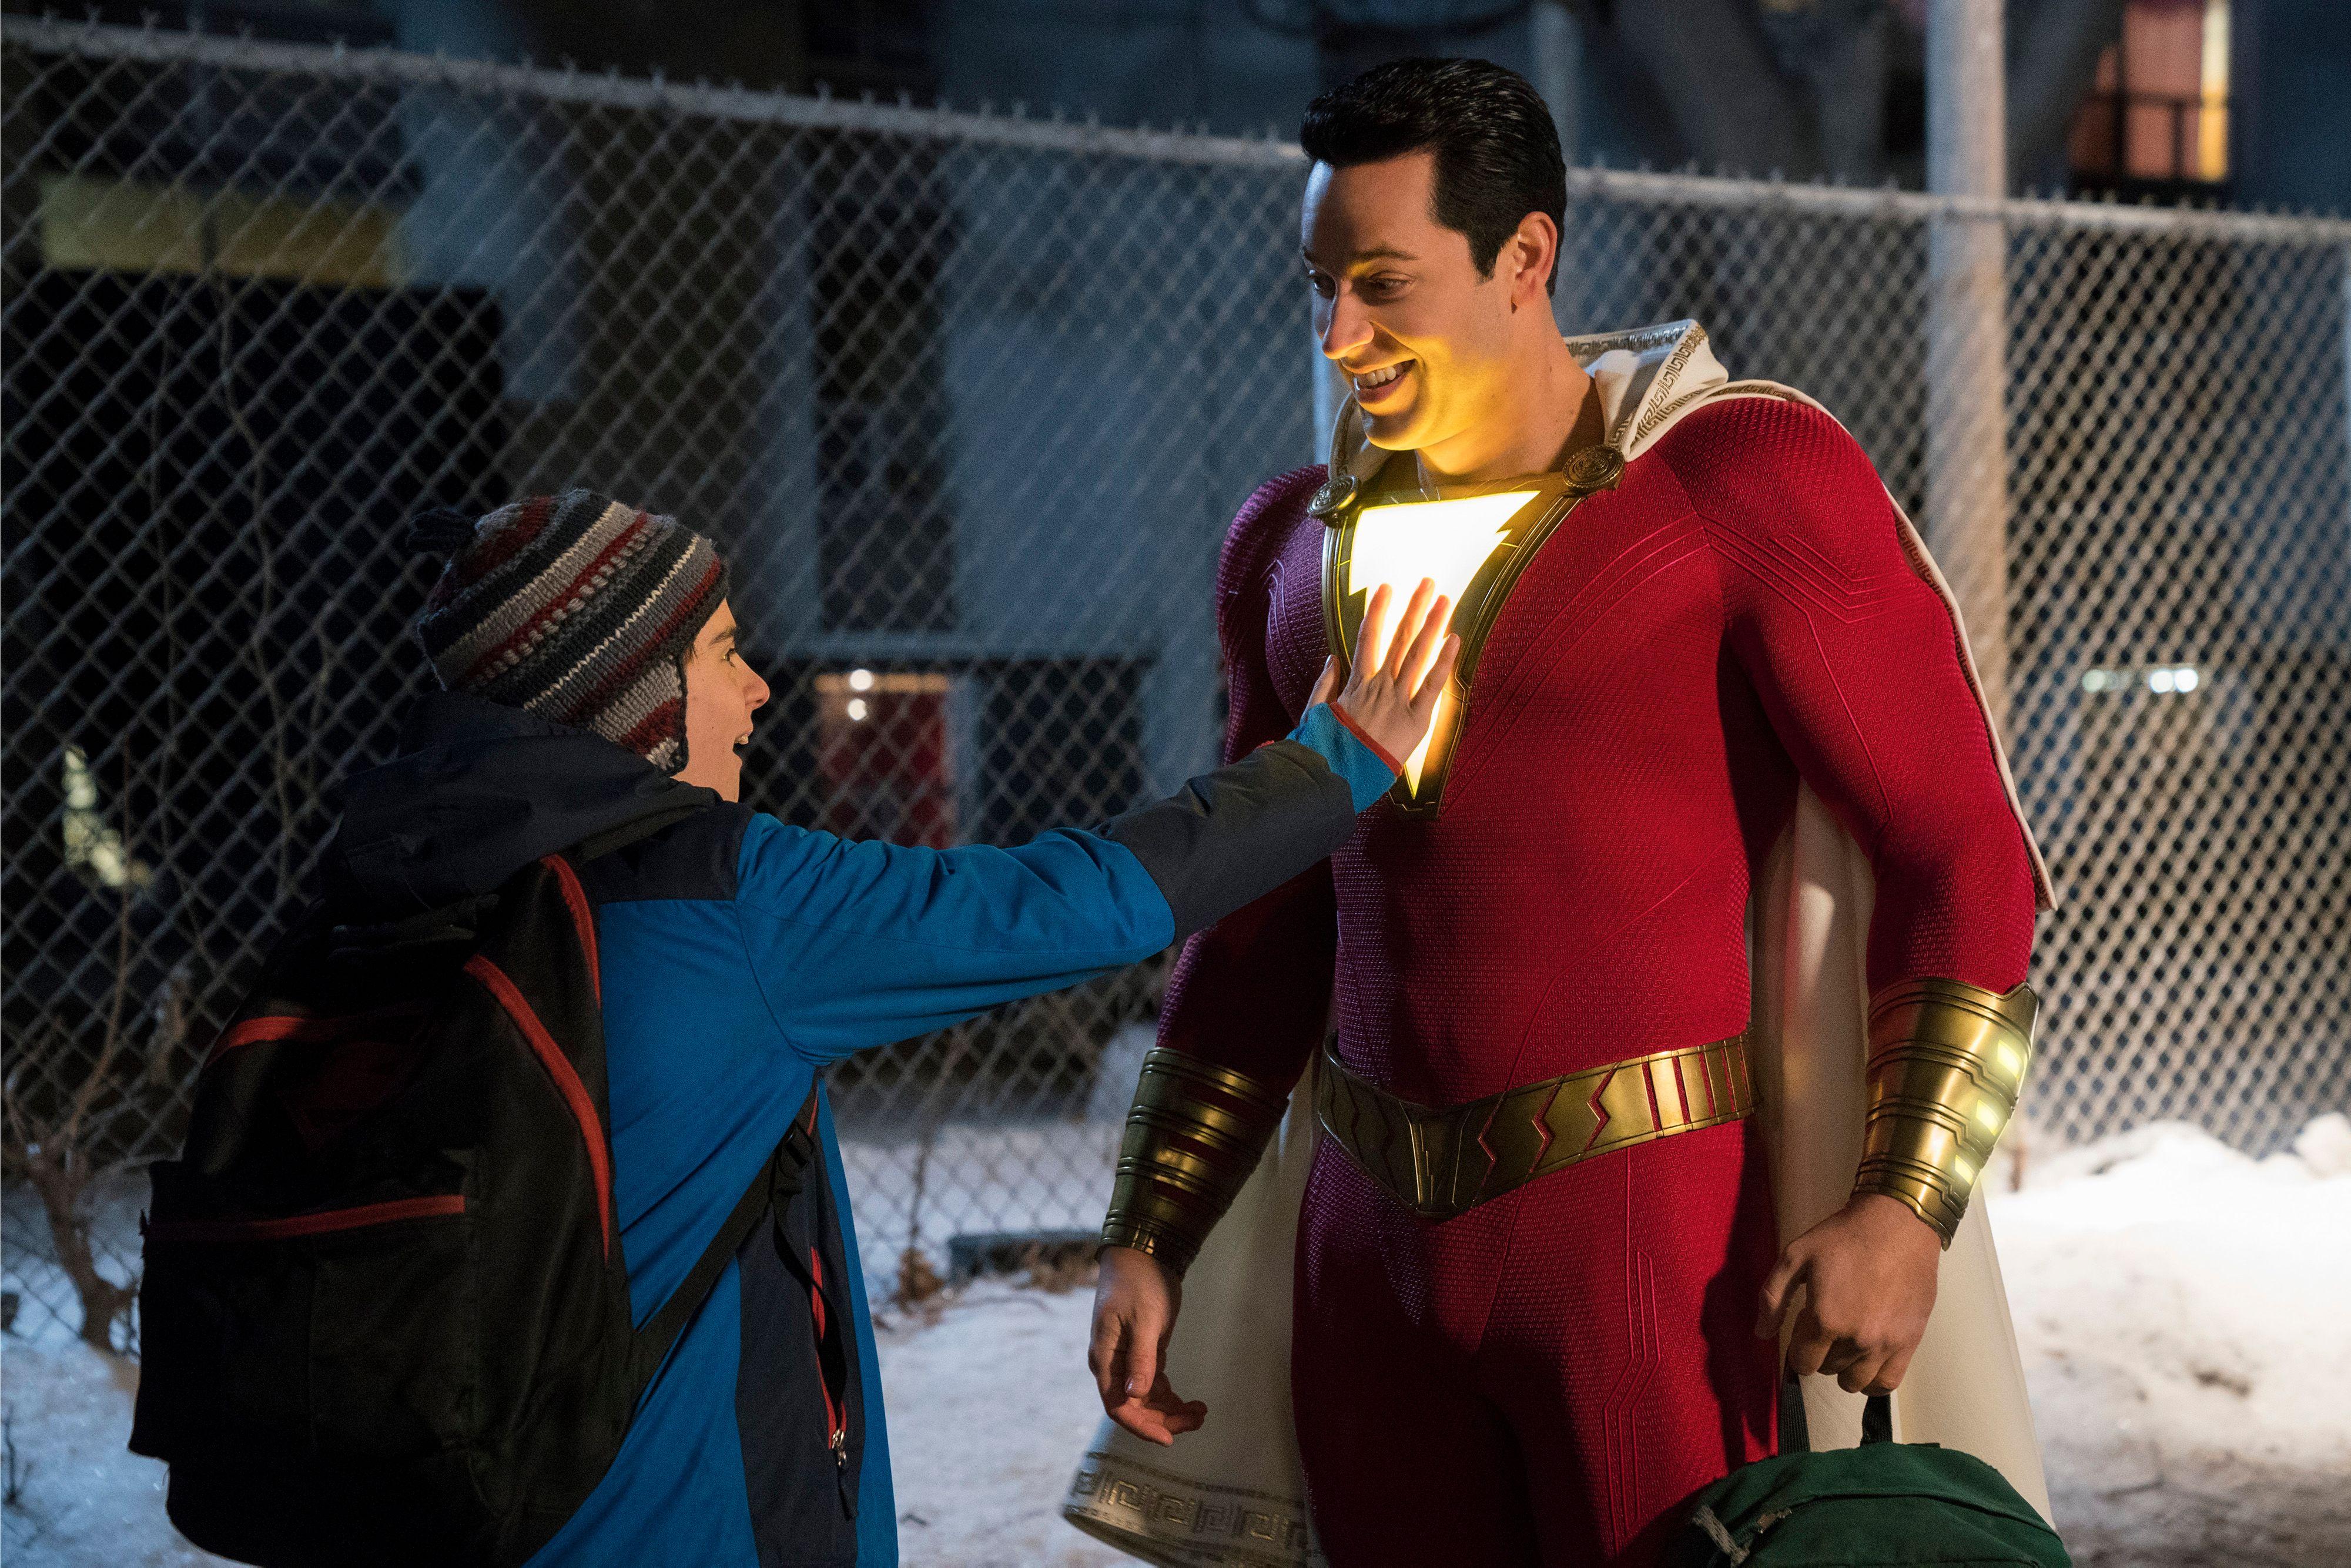 Tras su participación con Marvel, el actor Zachary Levi será el rostro de una estrella de DC.  (Foto Prensa Libre: Warner Bros)